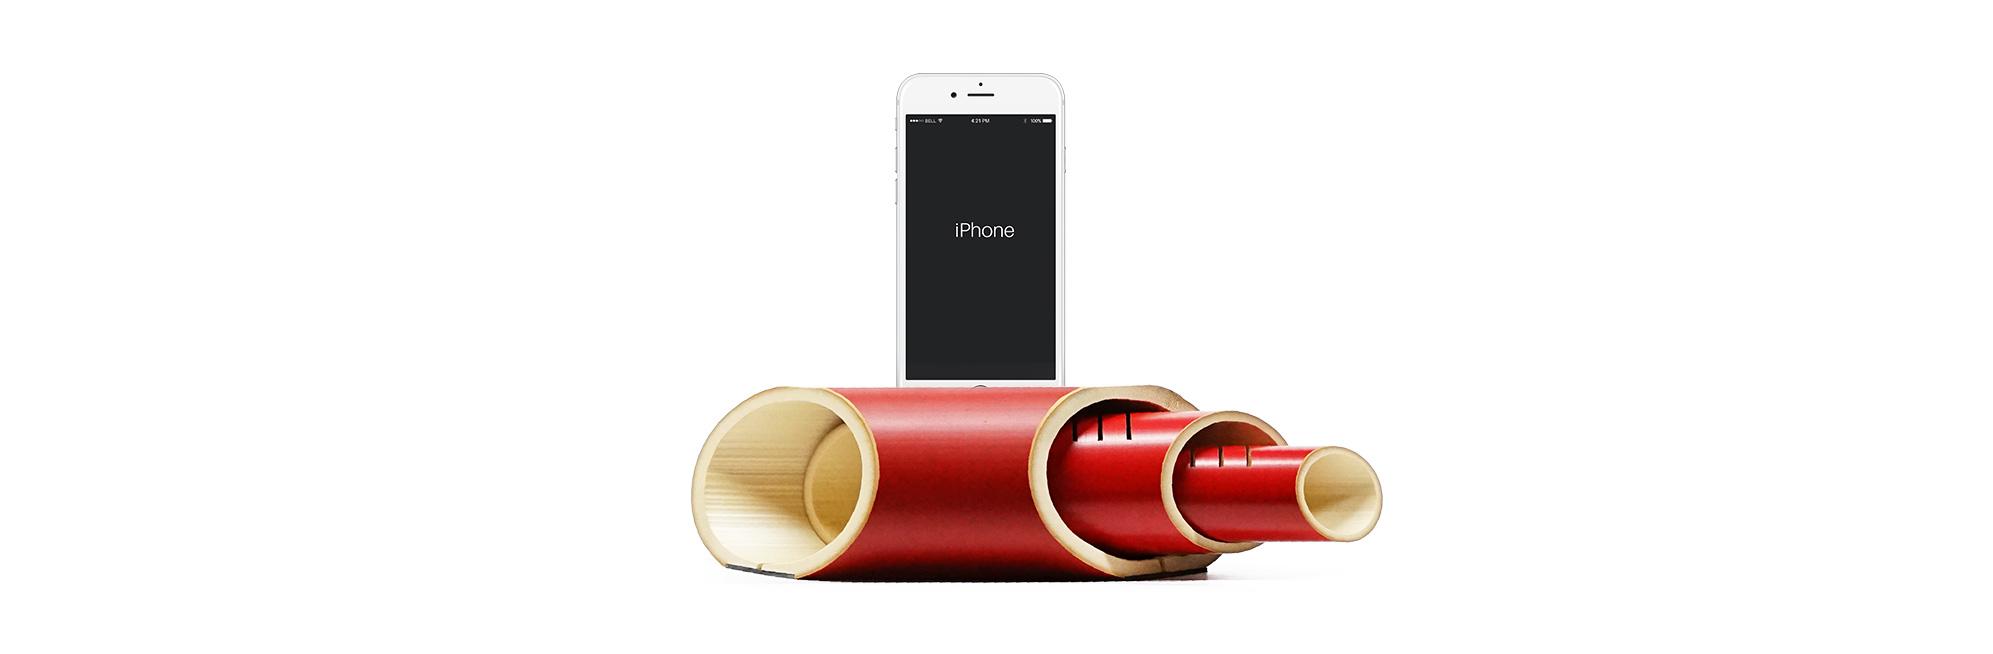 竹之助《i3booo》電源不要のiphone用竹スピーカー